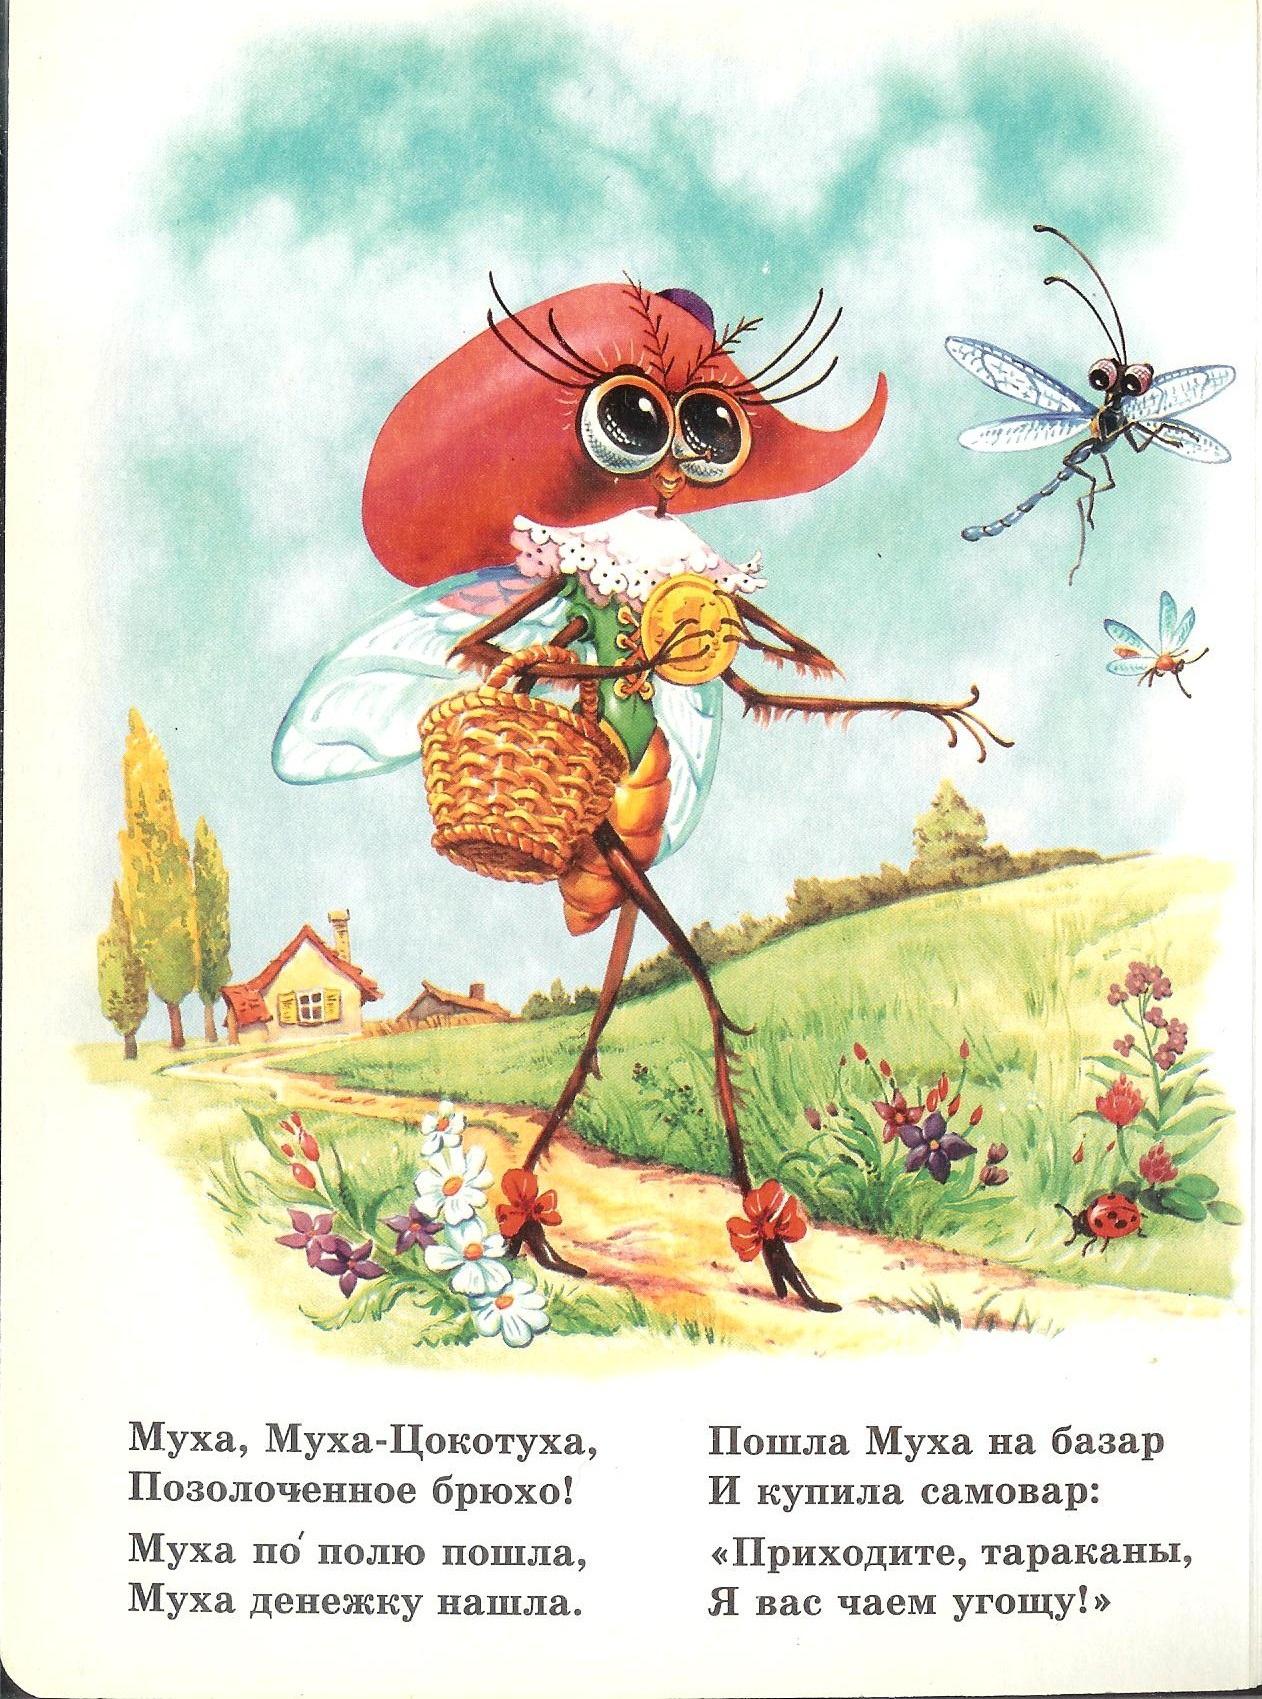 муха цокотуха читать с картинками